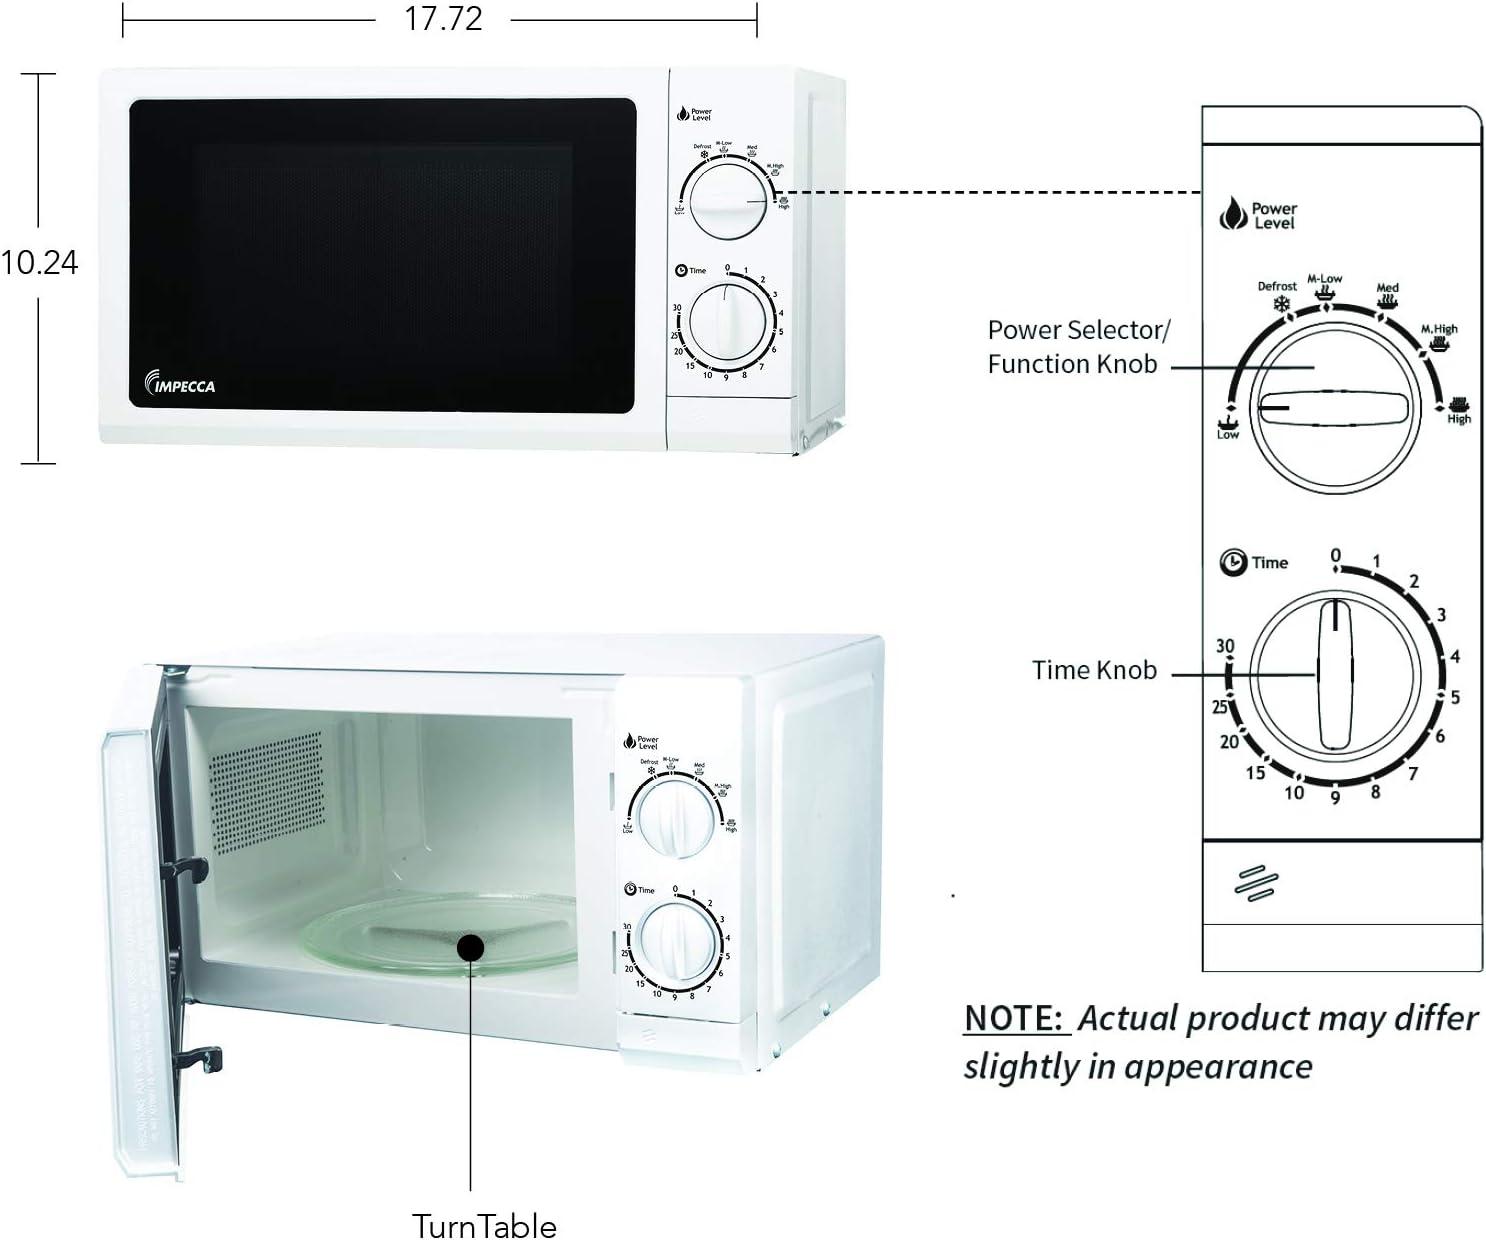 Amazon.com: Horno de microondas de 0,7 pies cúbicos, Blanco ...